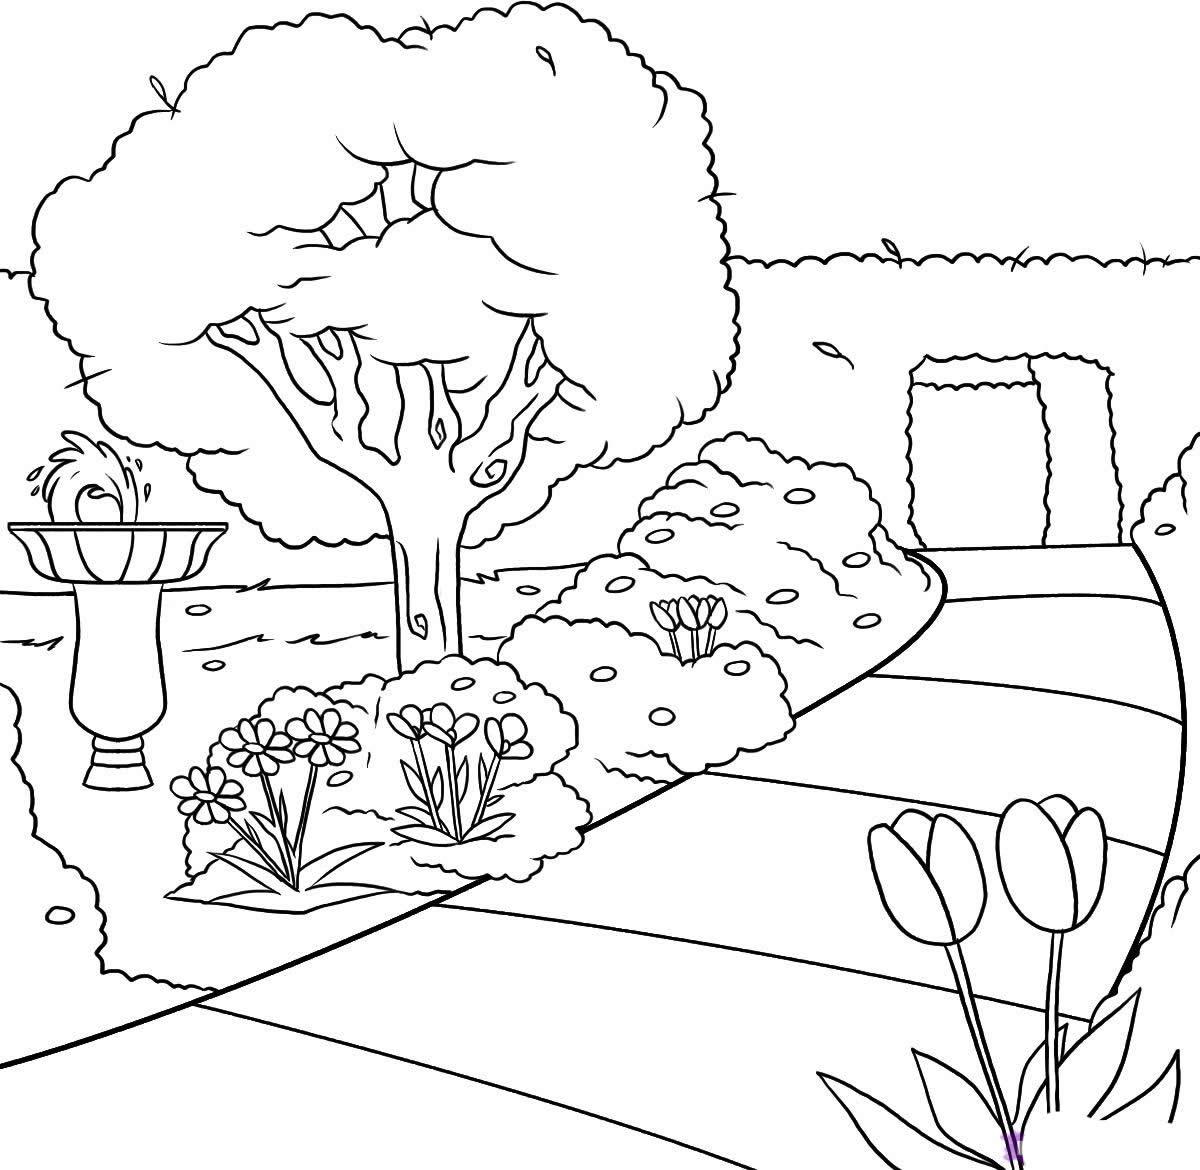 Dibujo de parque para colorear